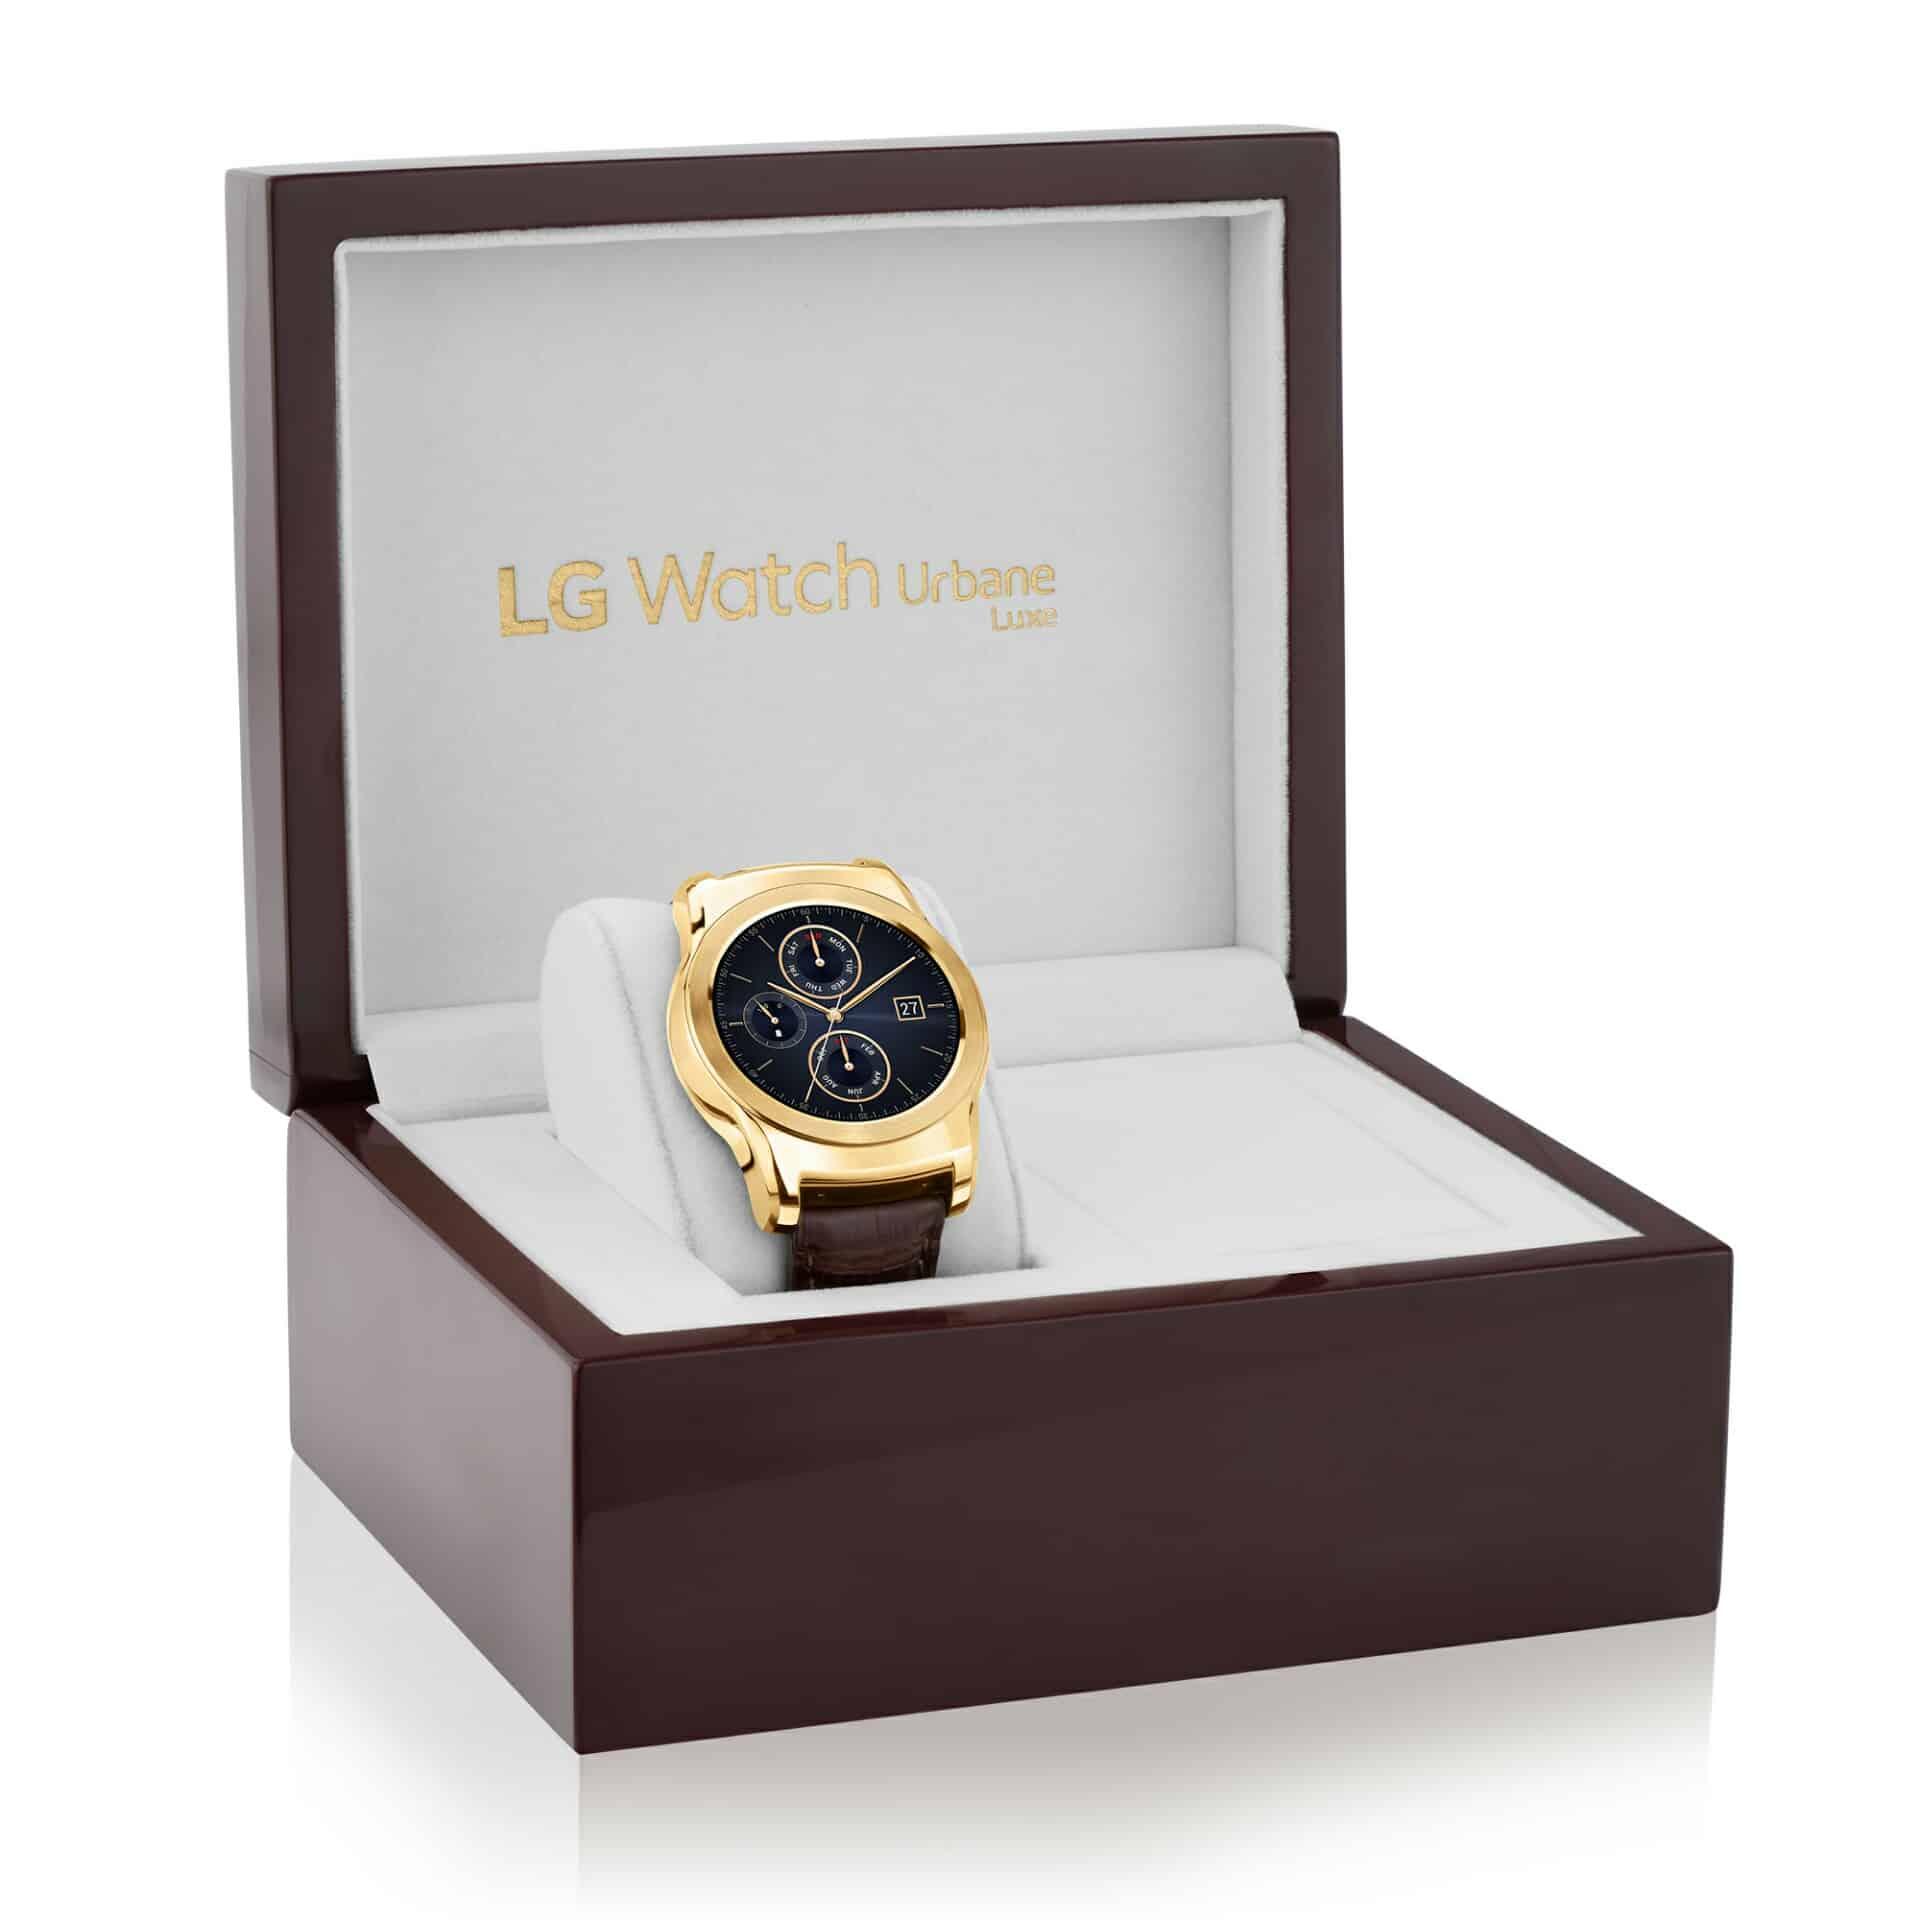 LG Watch Urbane Luxe 3